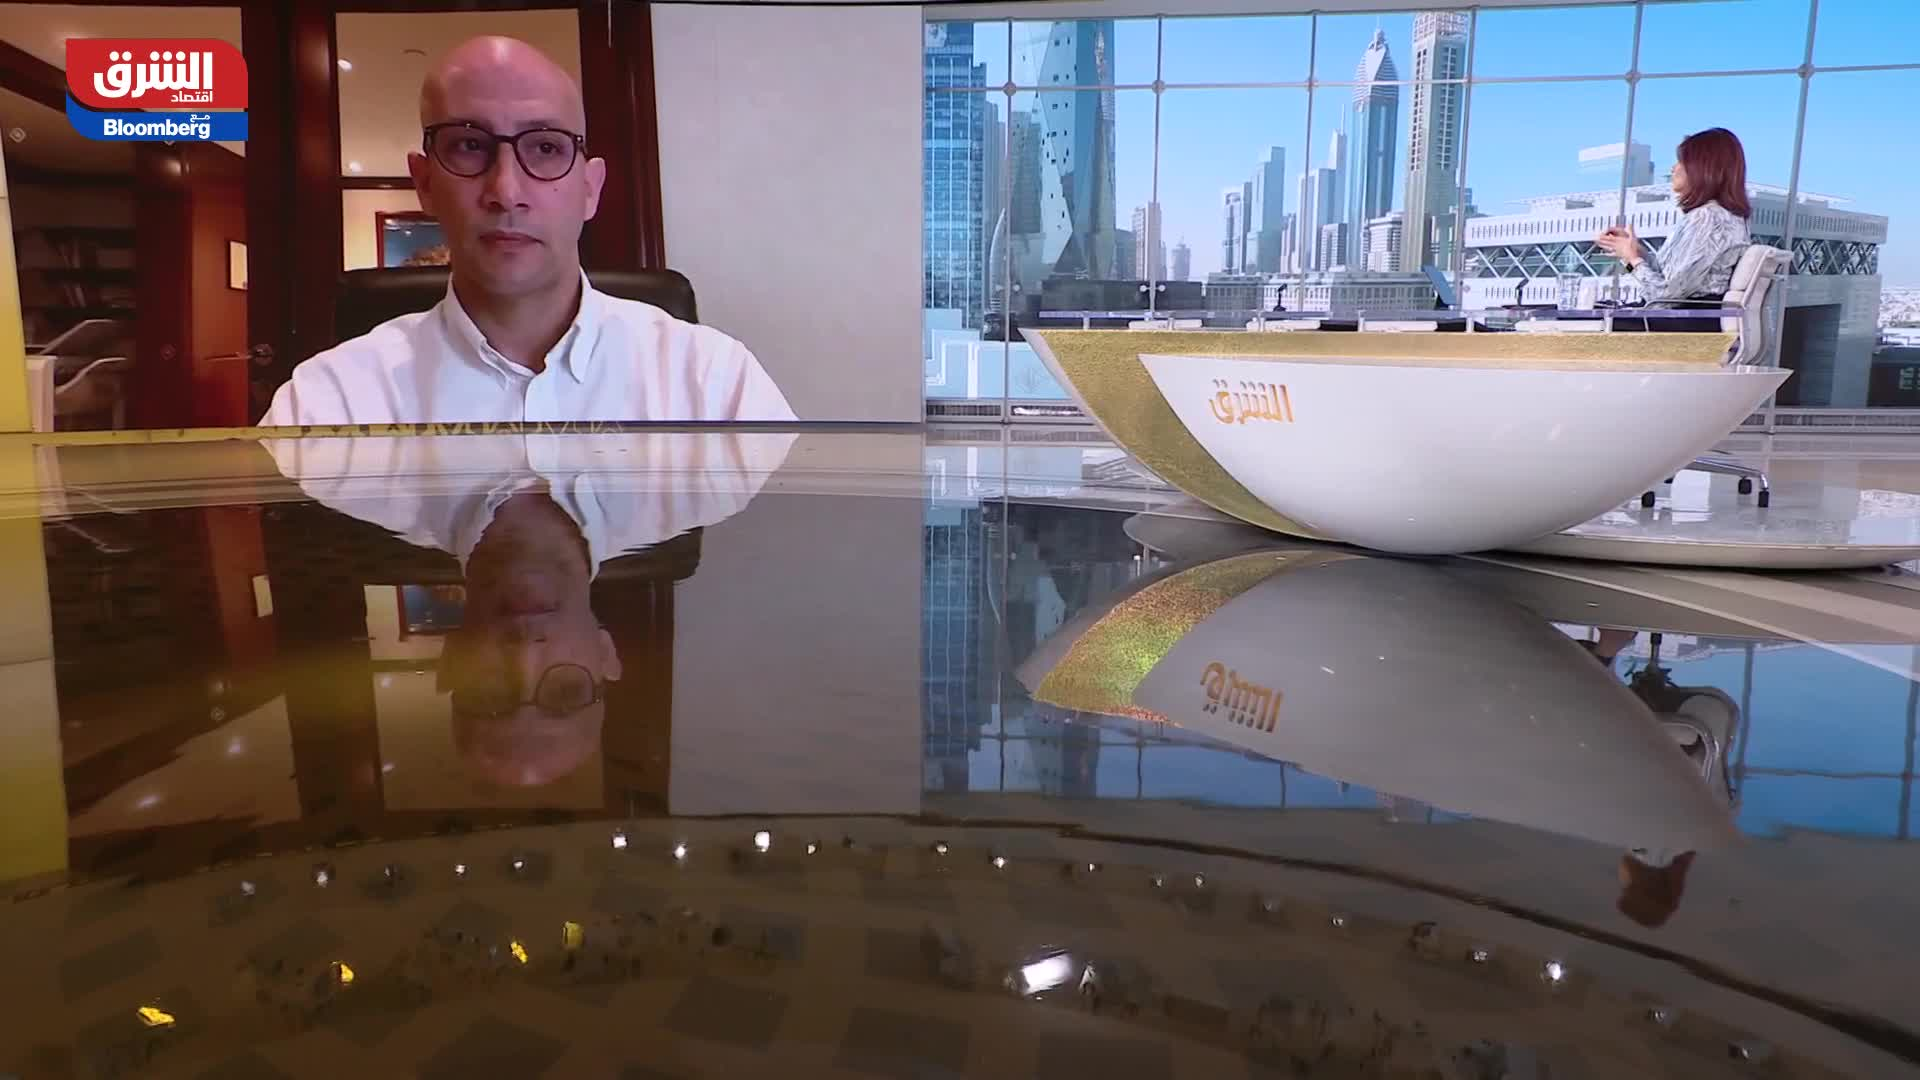 رفيق بدير :  دلتا هو المتحور الأساسي الآن ولم يتم تقدير نسبة تحوره